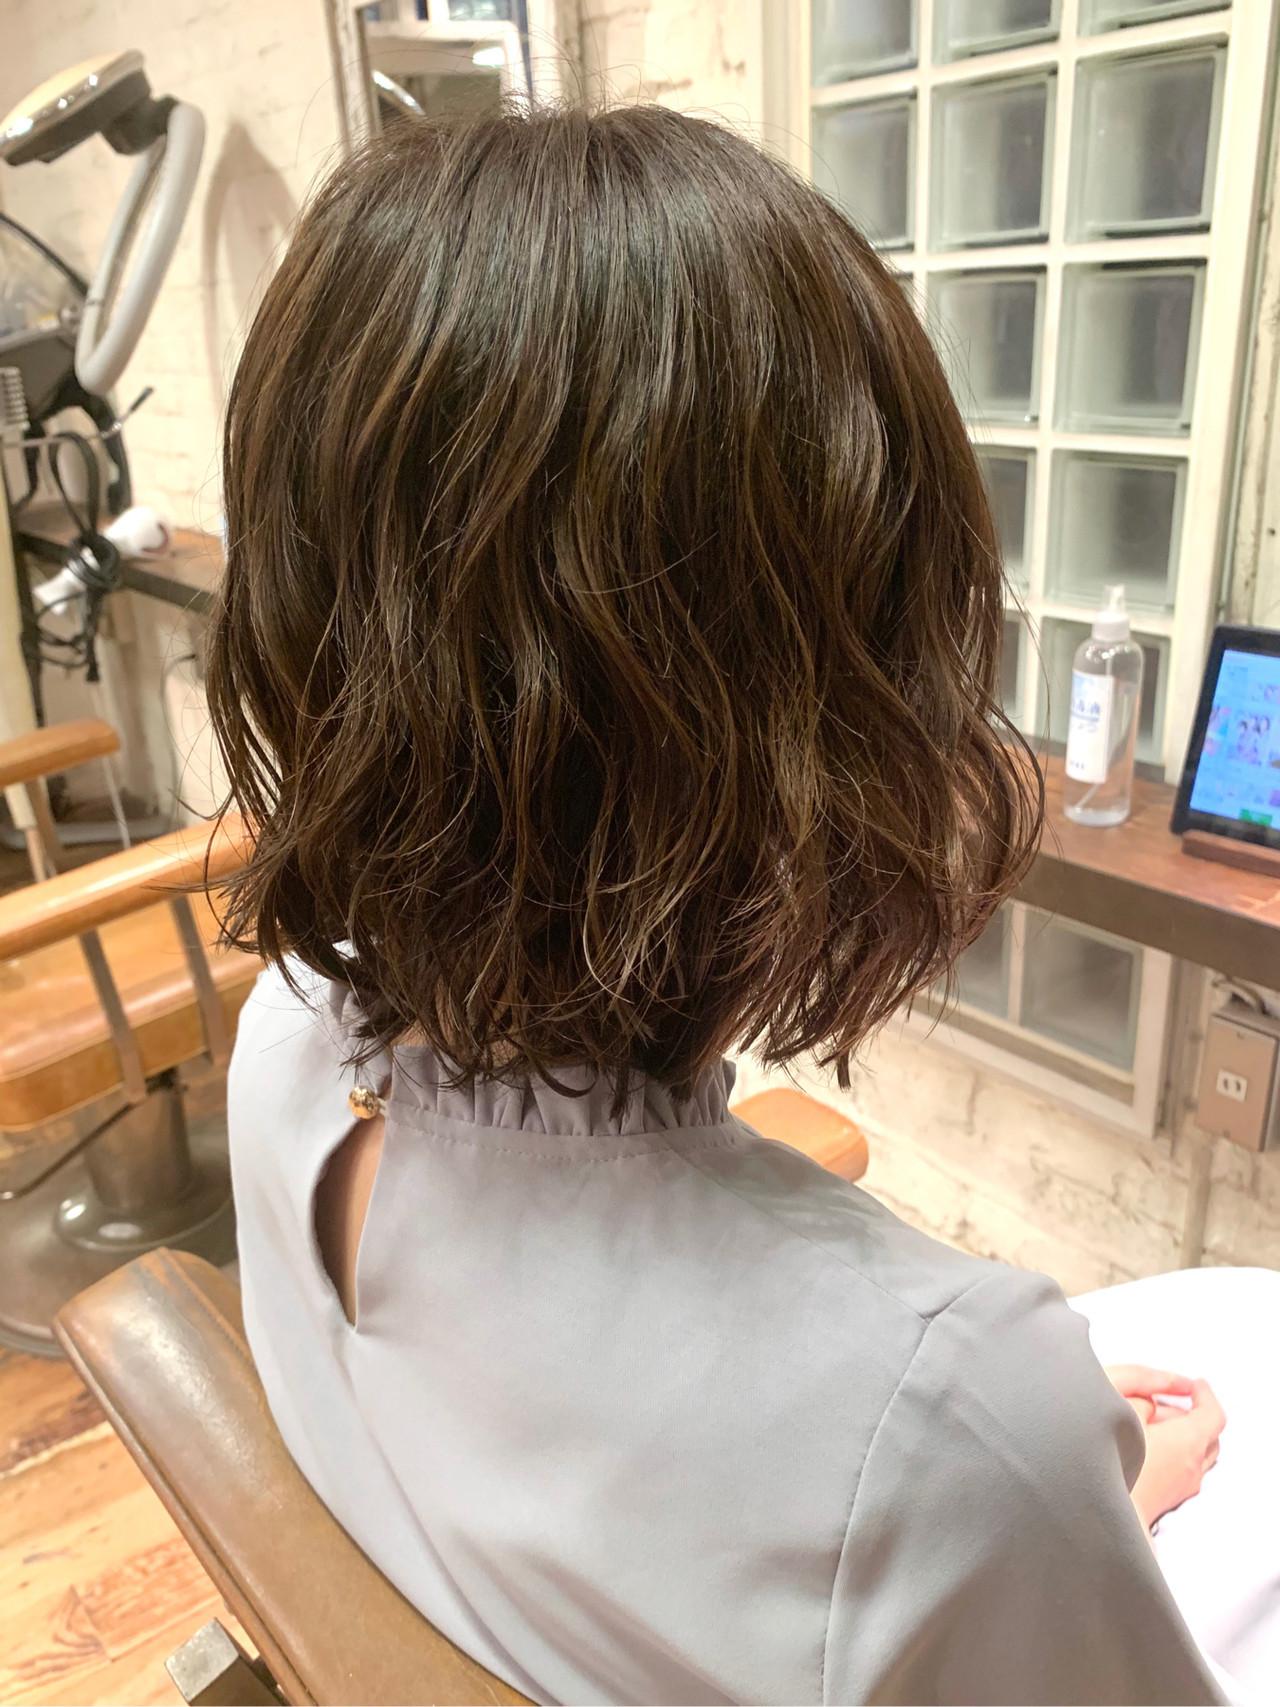 ナチュラル 外ハネボブ ゆるふわパーマ コテ巻き風パーマ ヘアスタイルや髪型の写真・画像